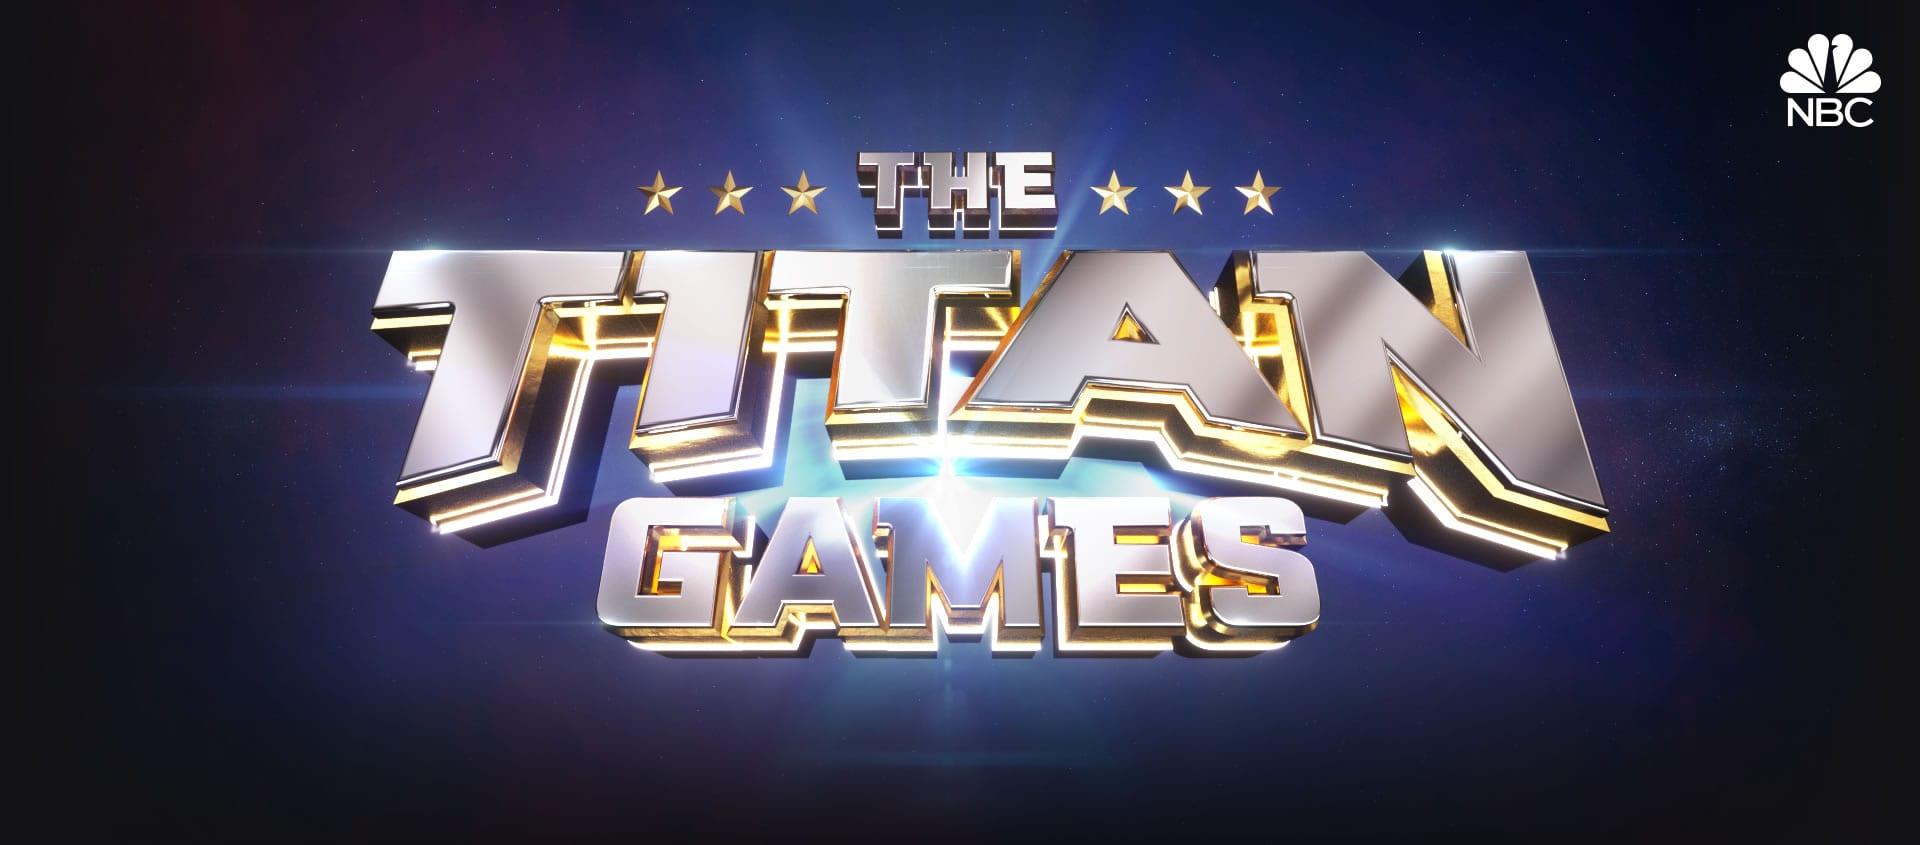 The Titan Games. In una tv incapace di rinnovarsi, presentiamo una carrellata di format provenienti da tutto il mondo con Scova il format